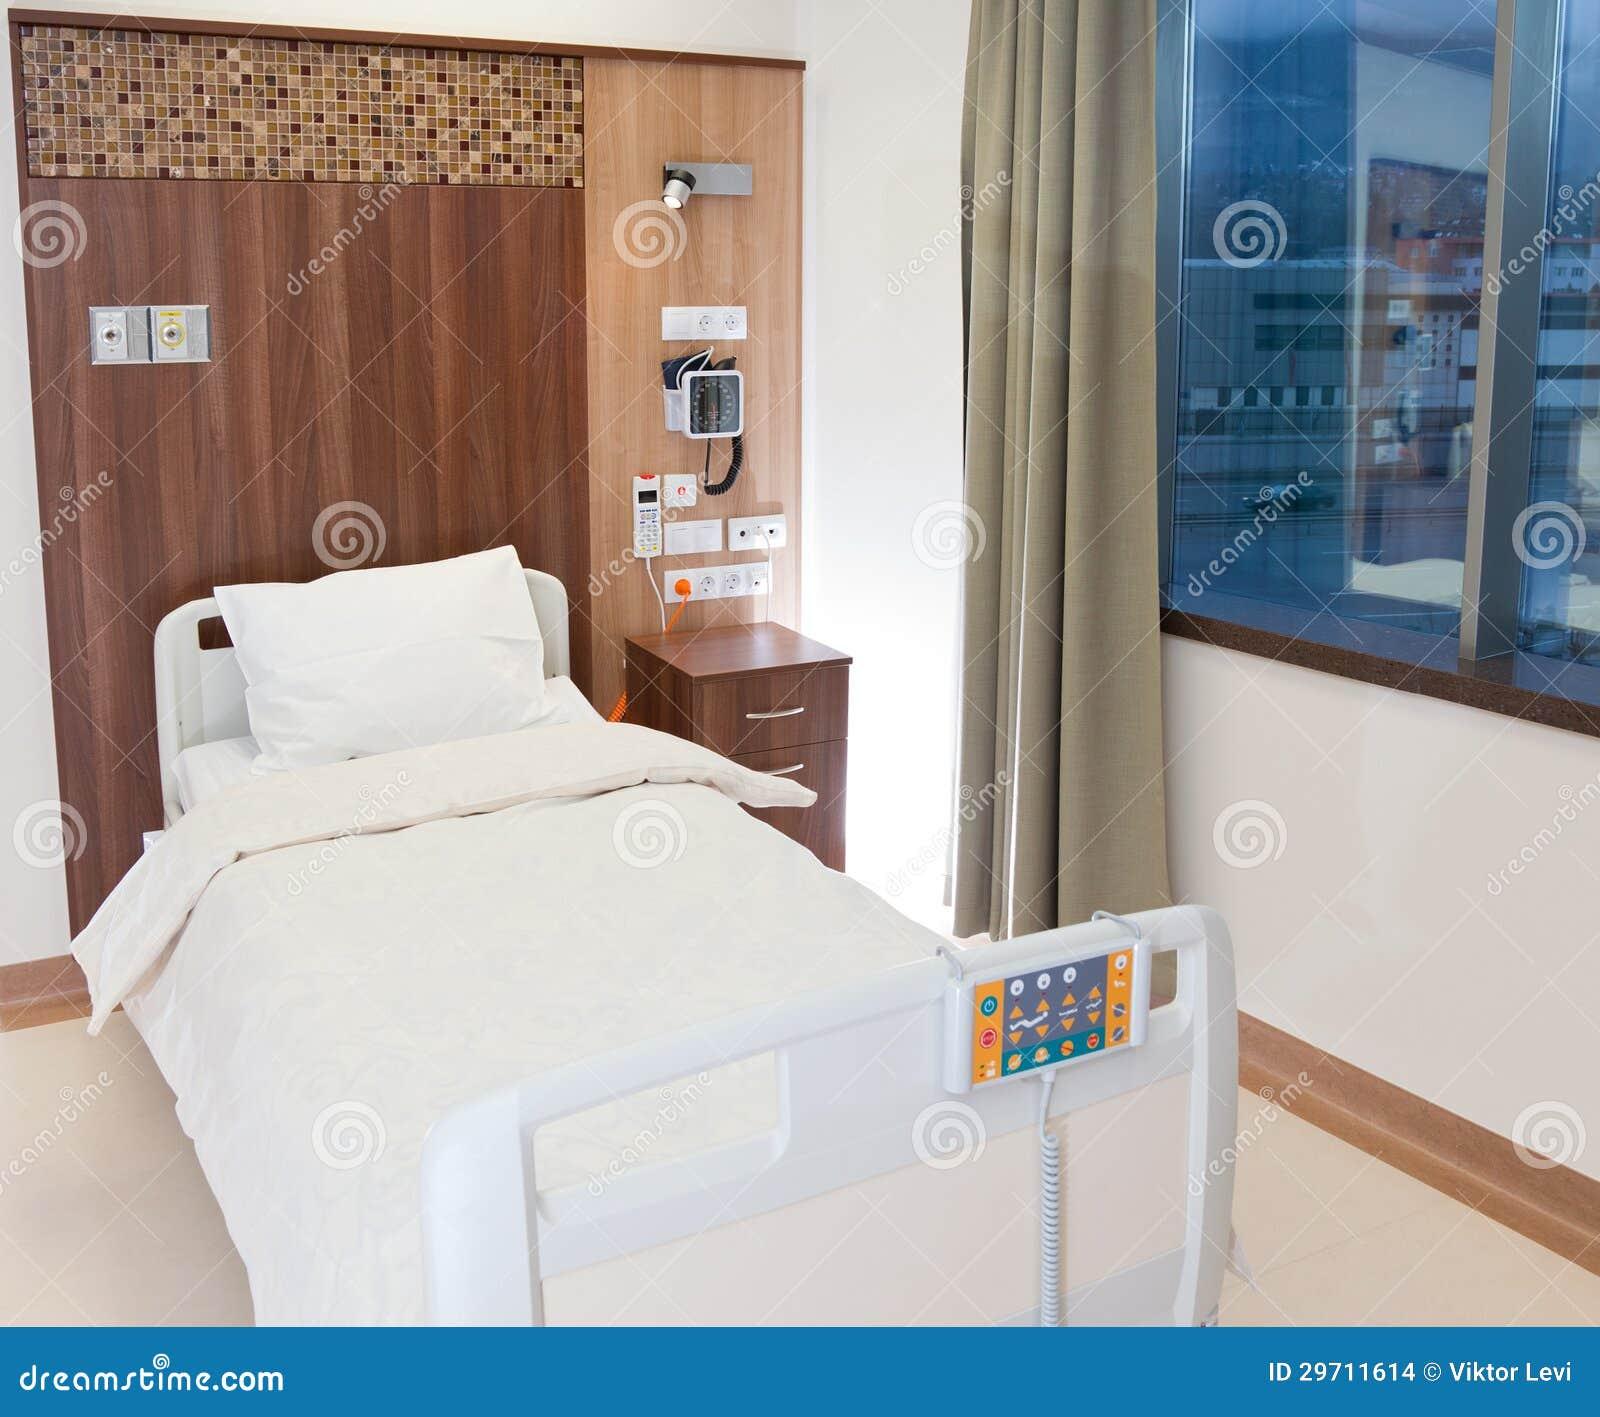 lit d hpital moderne vide - Chambre Hopital Moderne